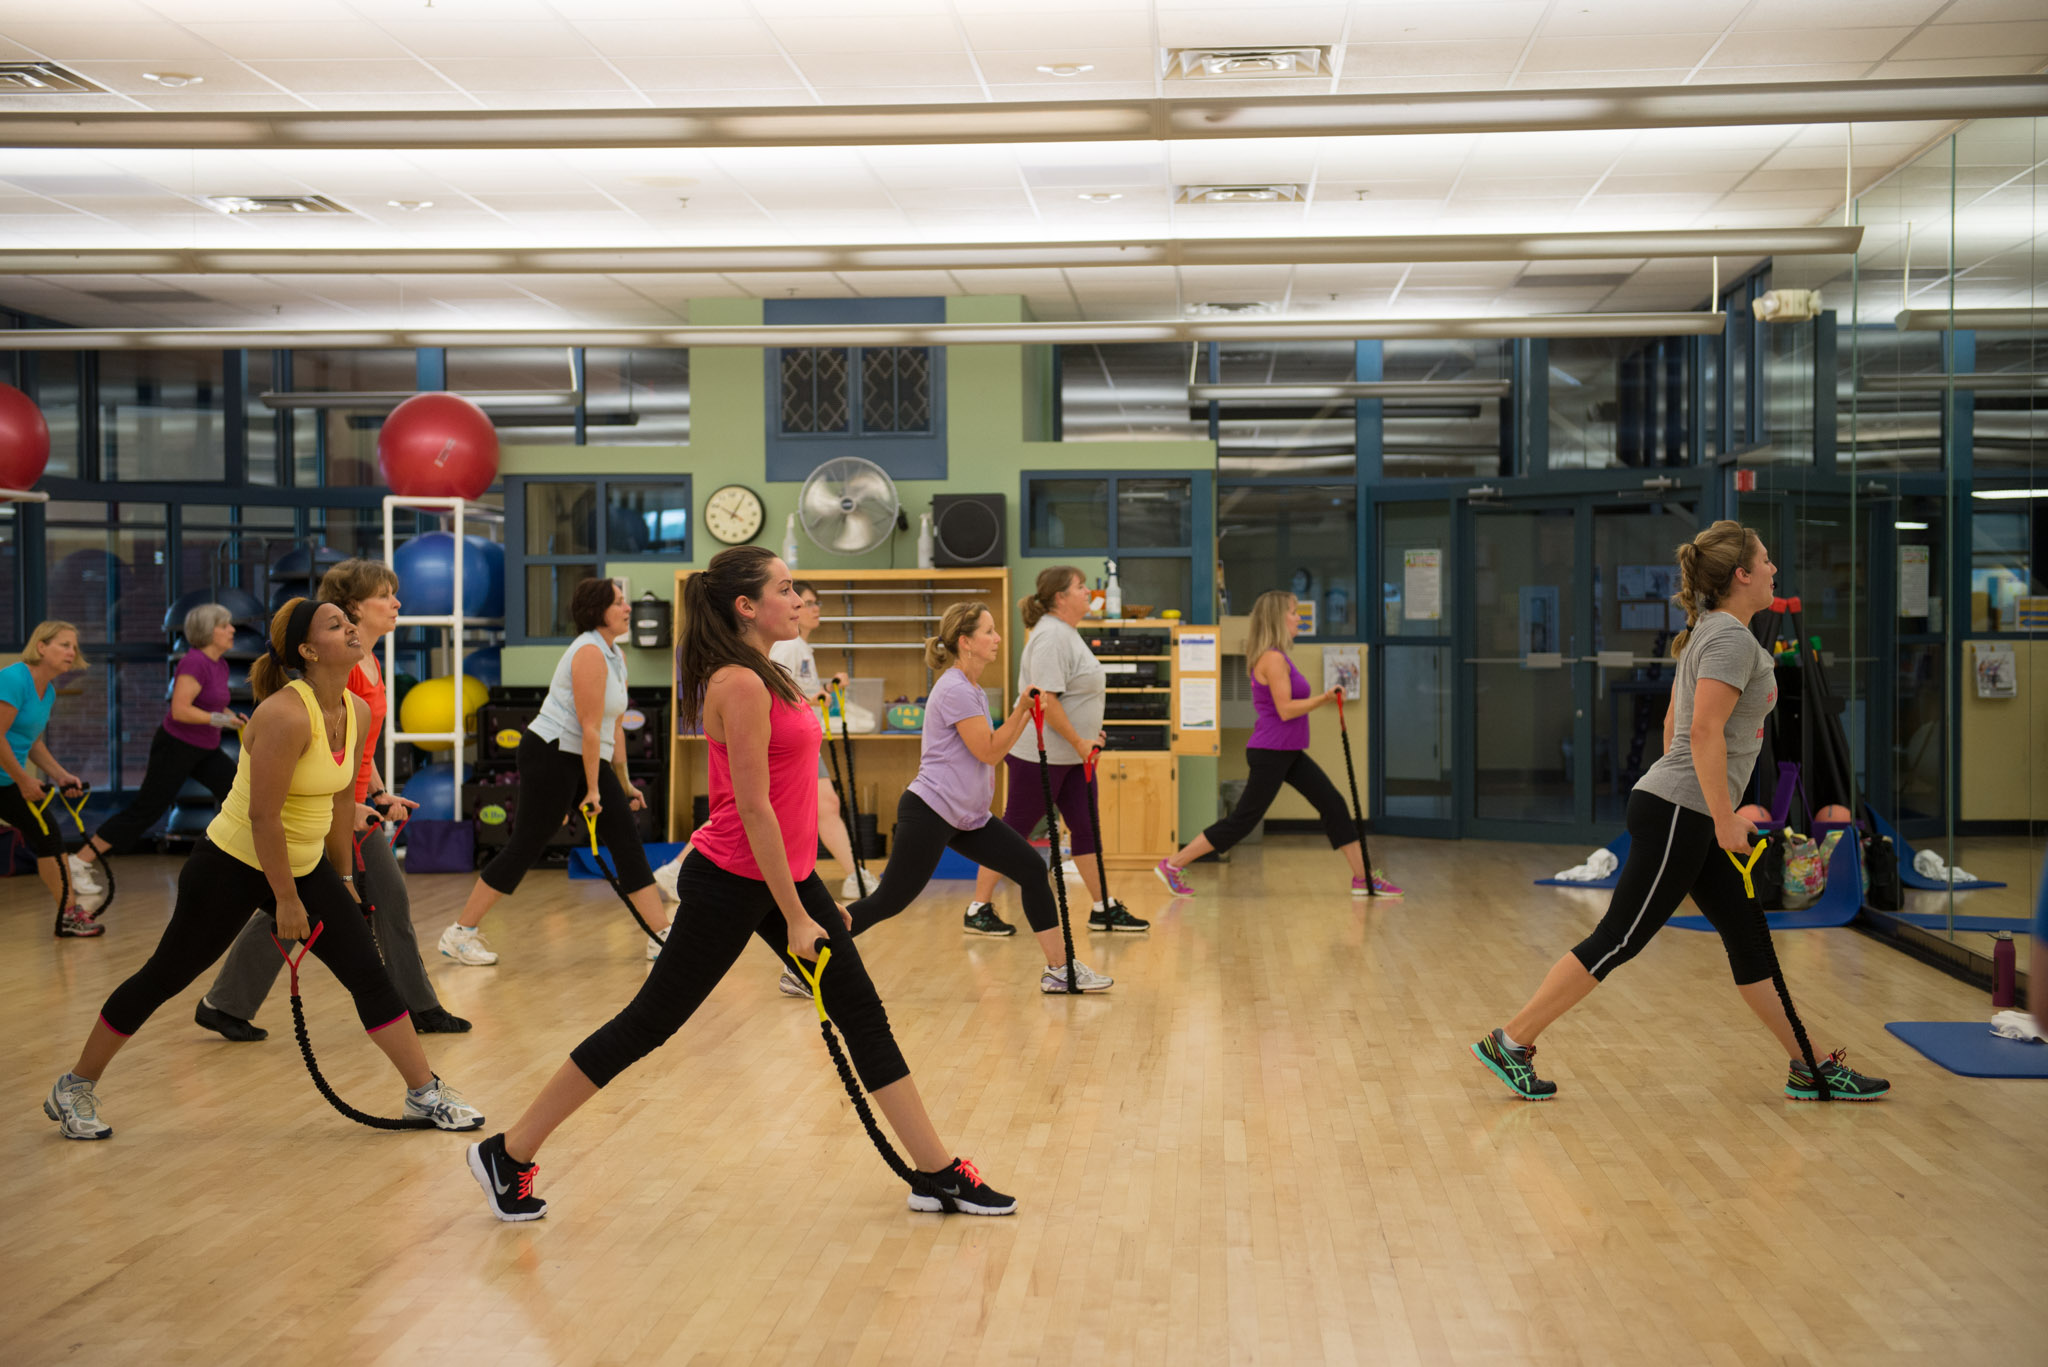 Wellness Center Stock Photos-1010.jpg